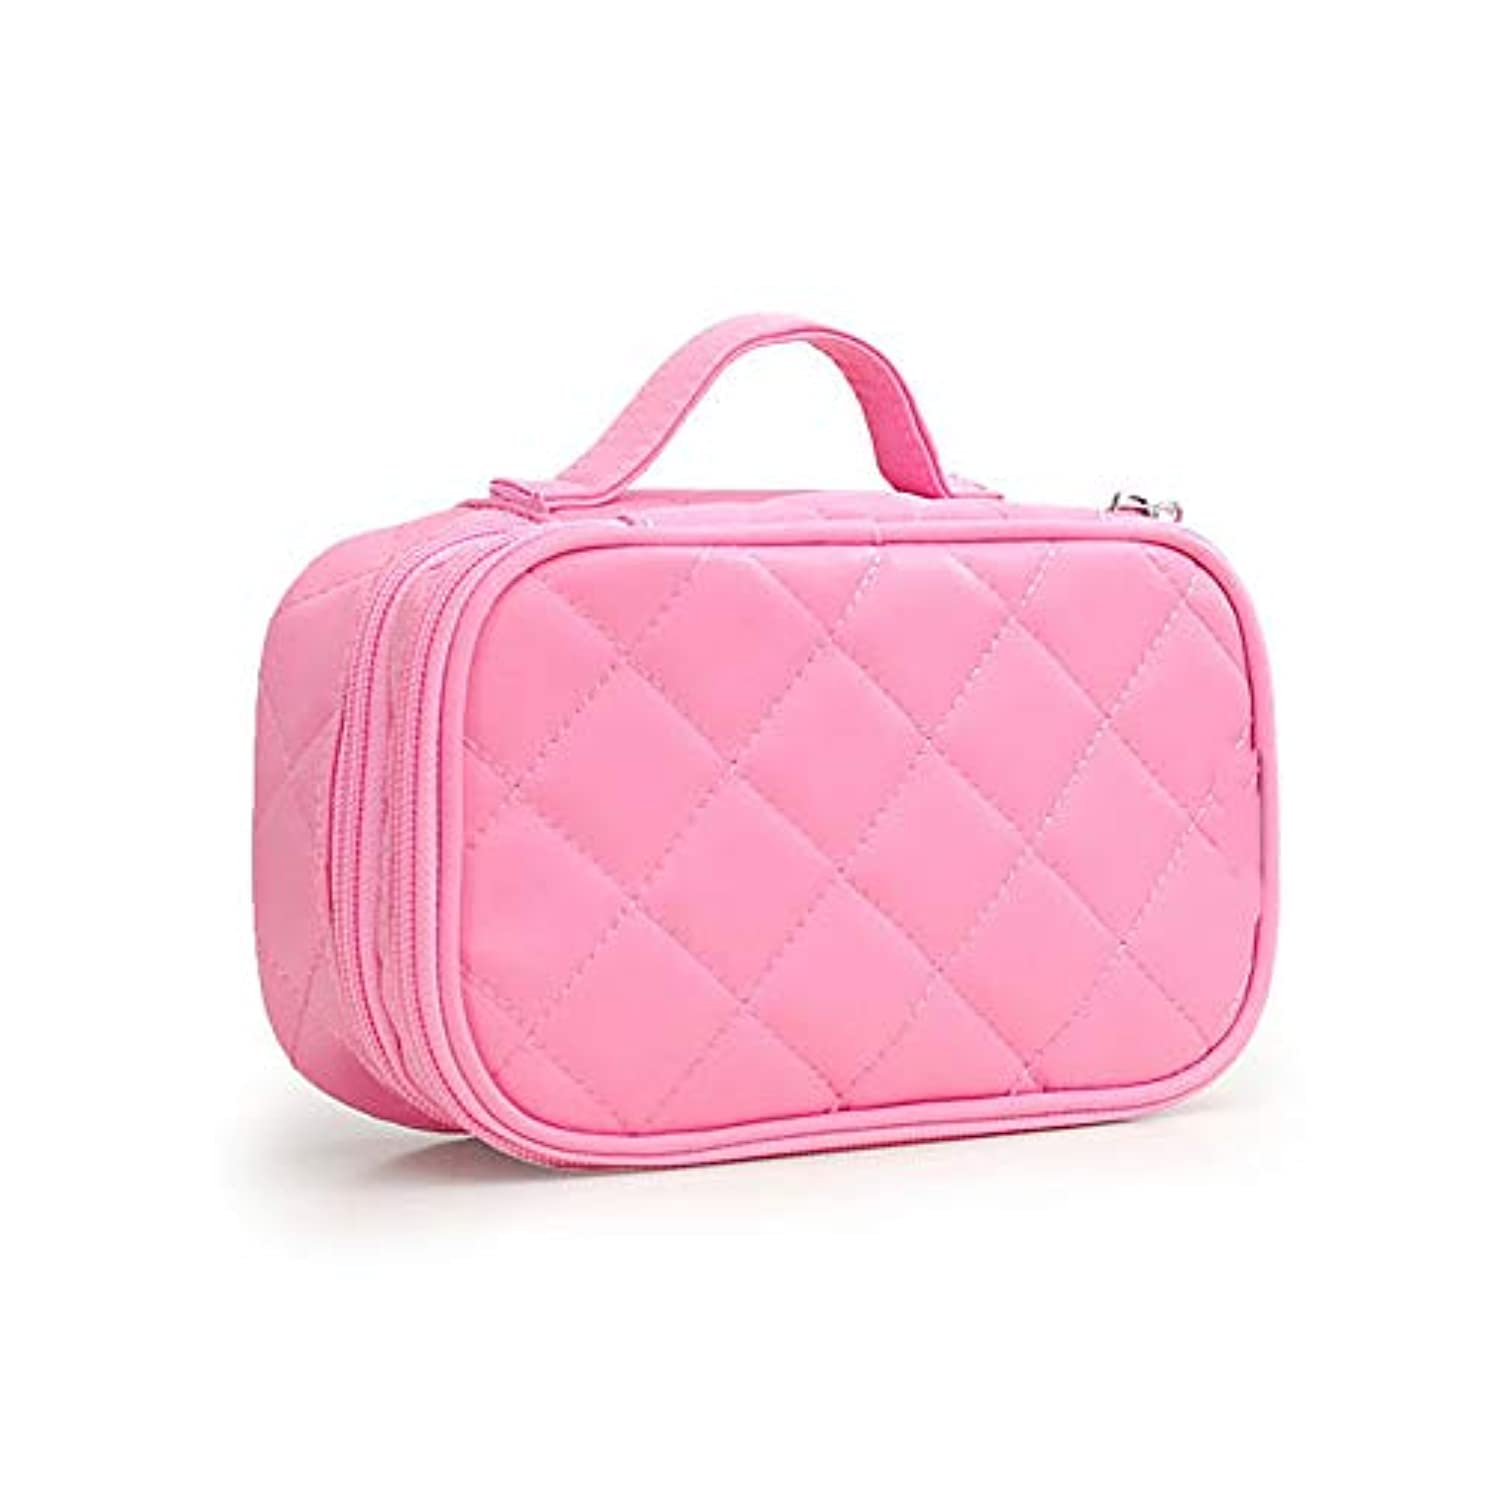 感覚復活するセクタ化粧オーガナイザーバッグ 女性の化粧品バッグのポータブル韓国語バージョン創造的な ナイロン防水洗浄バッグ。 化粧品ケース (色 : ピンク)